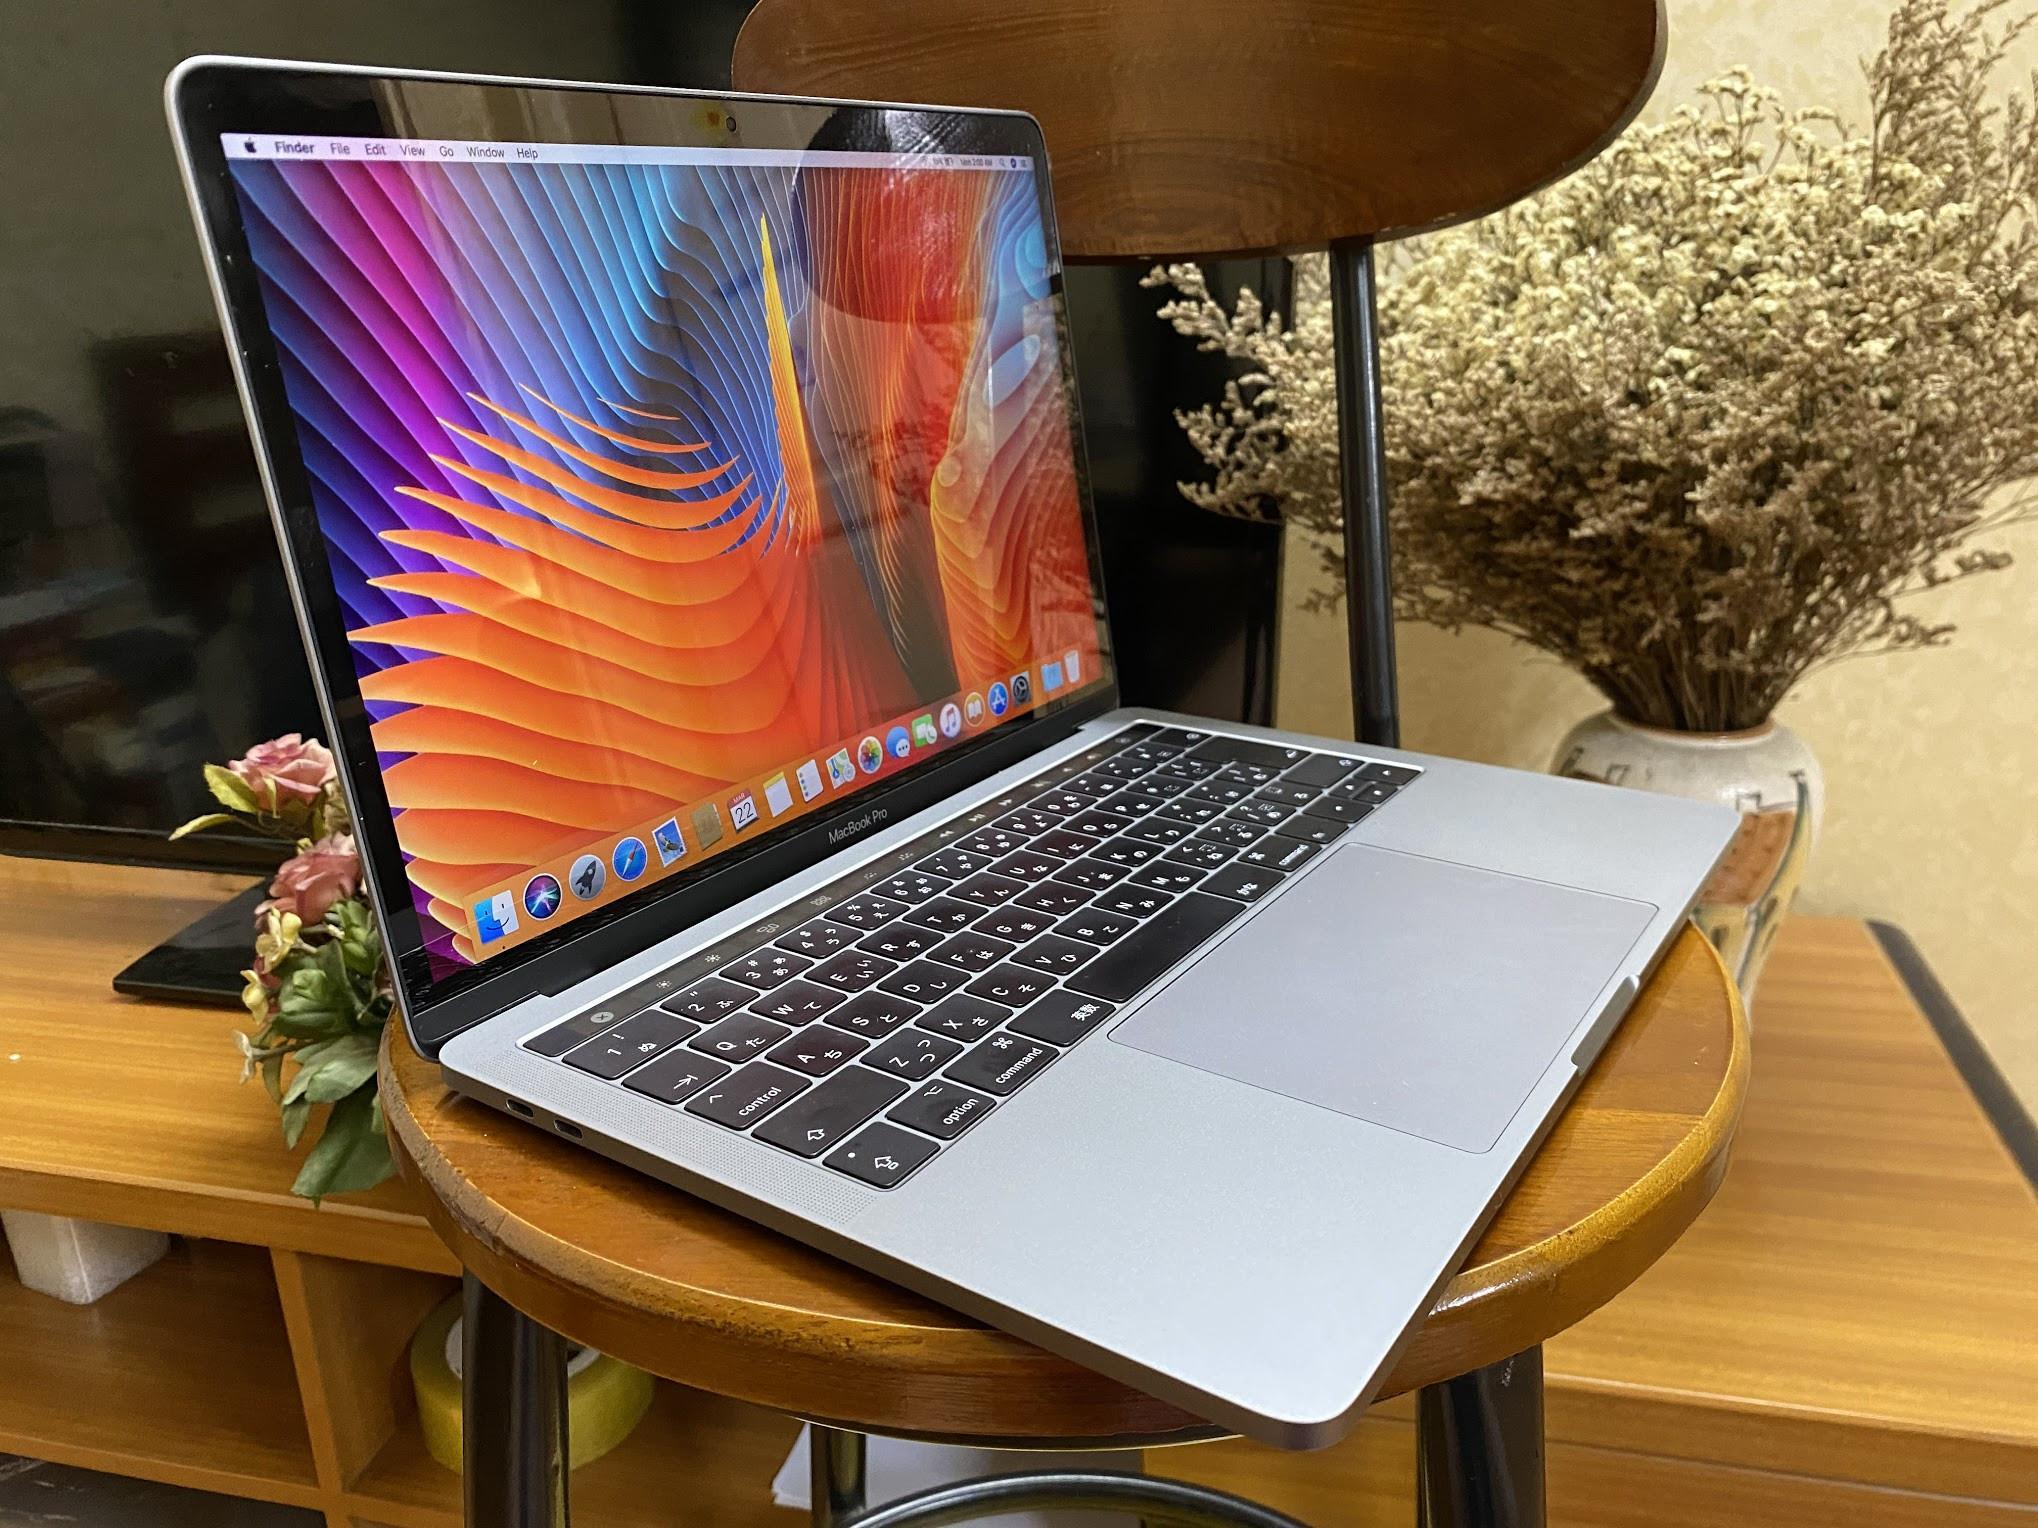 Macbook Pro 2017 13inch  MPXV2 Core i5-8GB-256GB